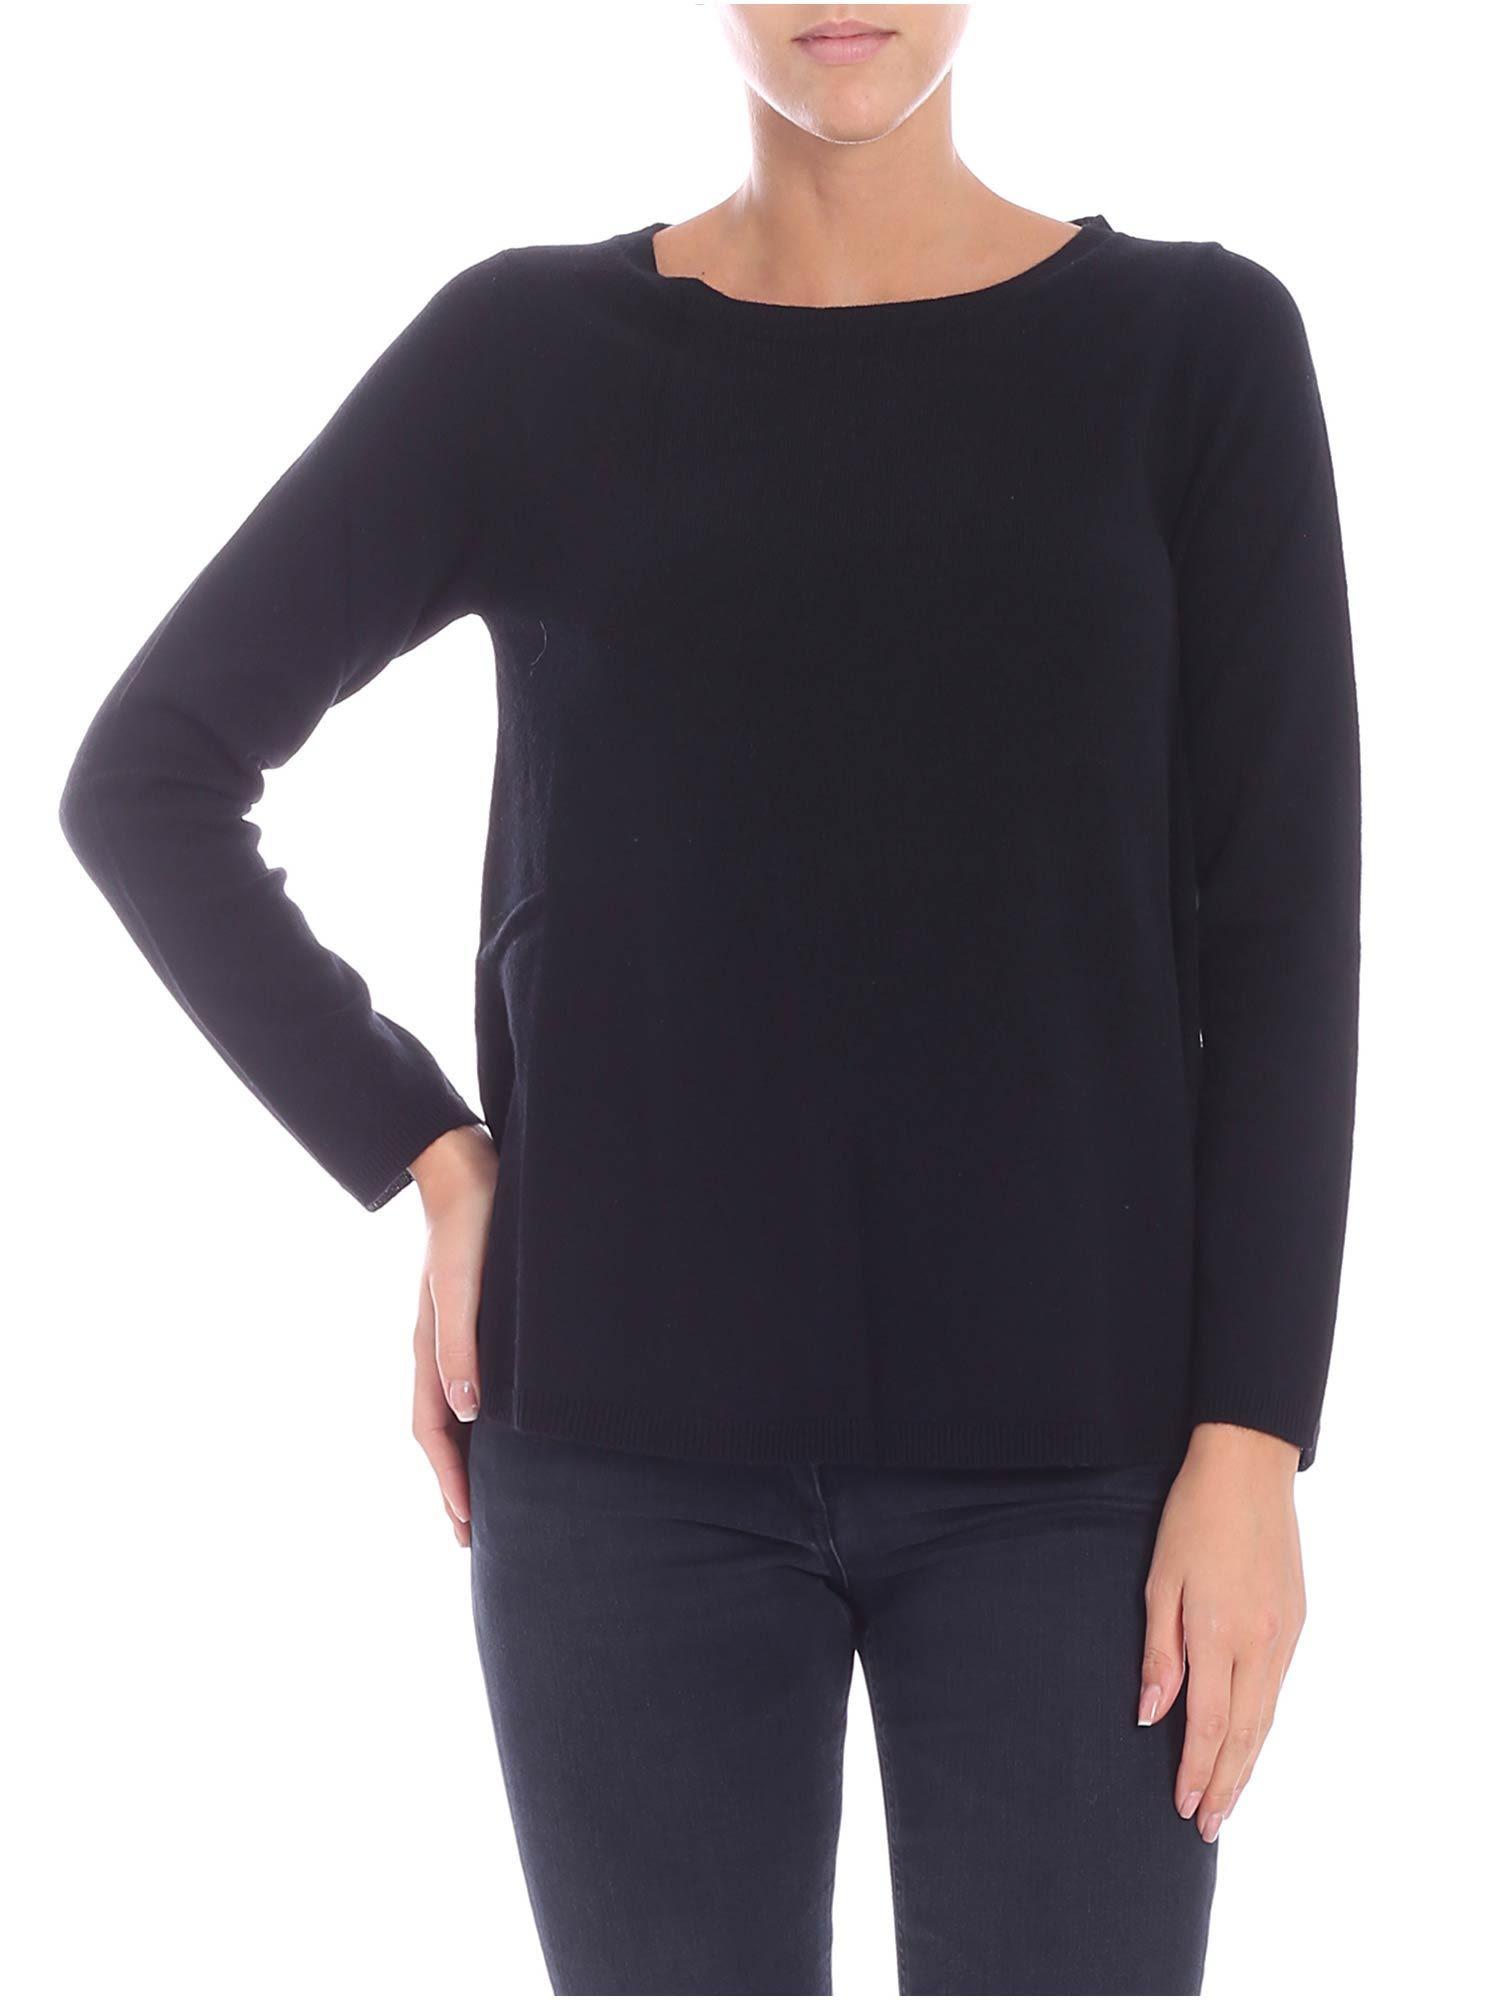 KANGRA Cachemire Blend Sweater in Nero